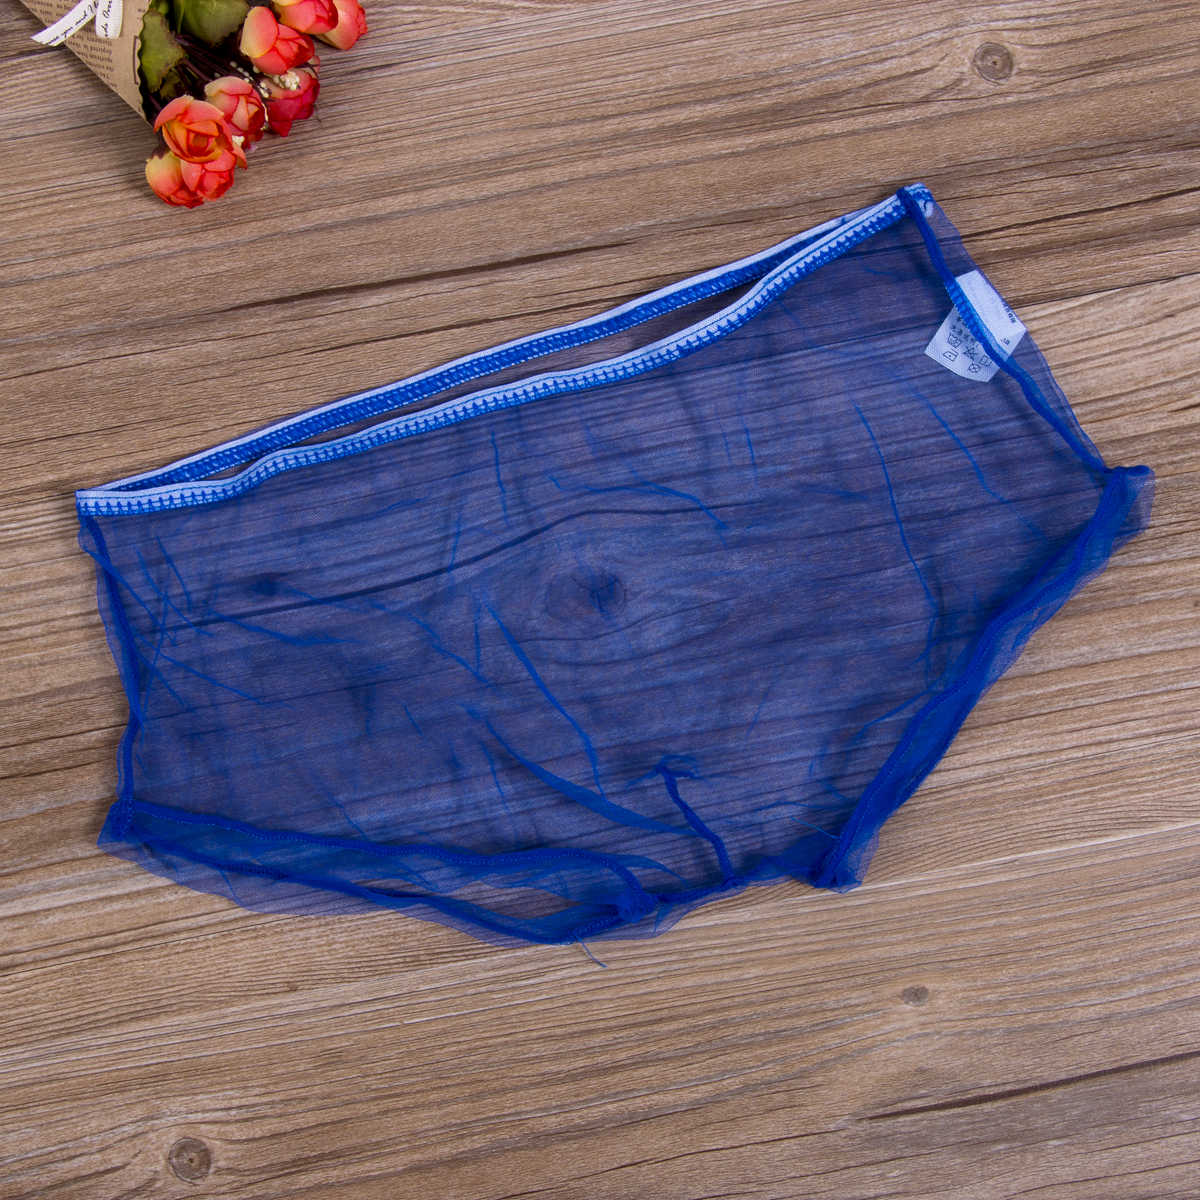 גברים של מכנסיים סקסי מתאגרפים תחתוני רשת ניילון שקוף משולש תחתוני לבן אדום שחור כחול